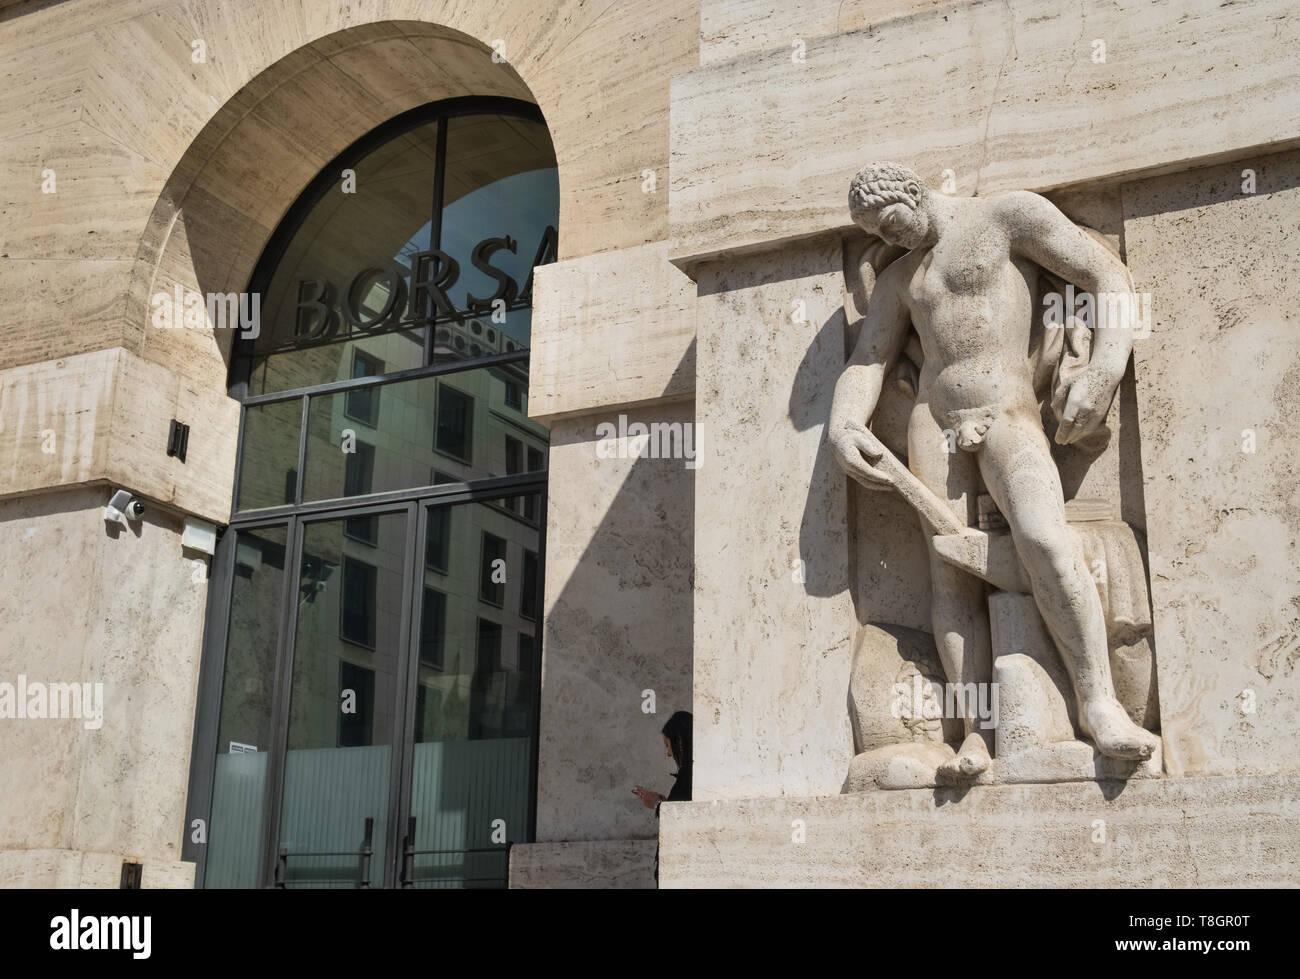 baa11fd6fe Sezione esterna di Milano Borsa, Borsa Italiana edificio, Palazzo  Mezzanotte, Milano, lombardia